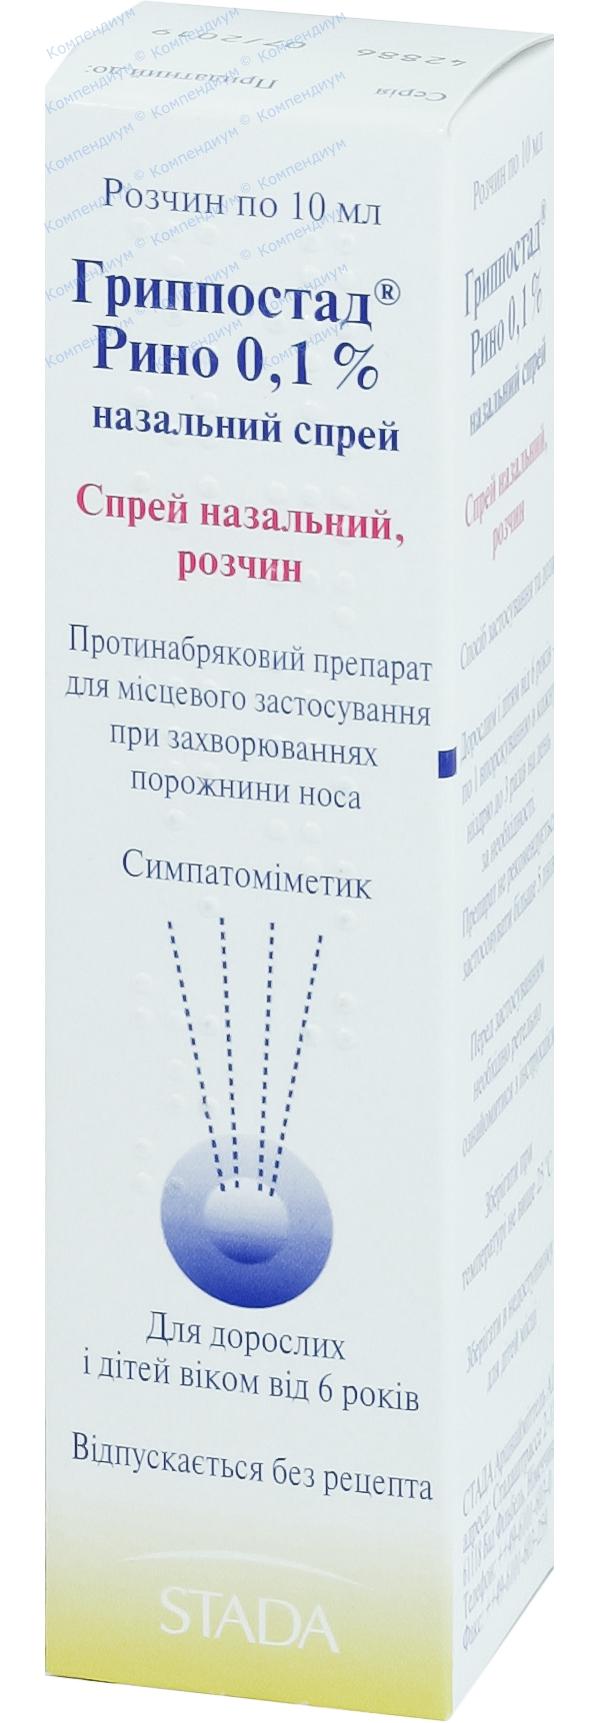 Гриппостад рино спрей 0,1% фл. 10 мл №1